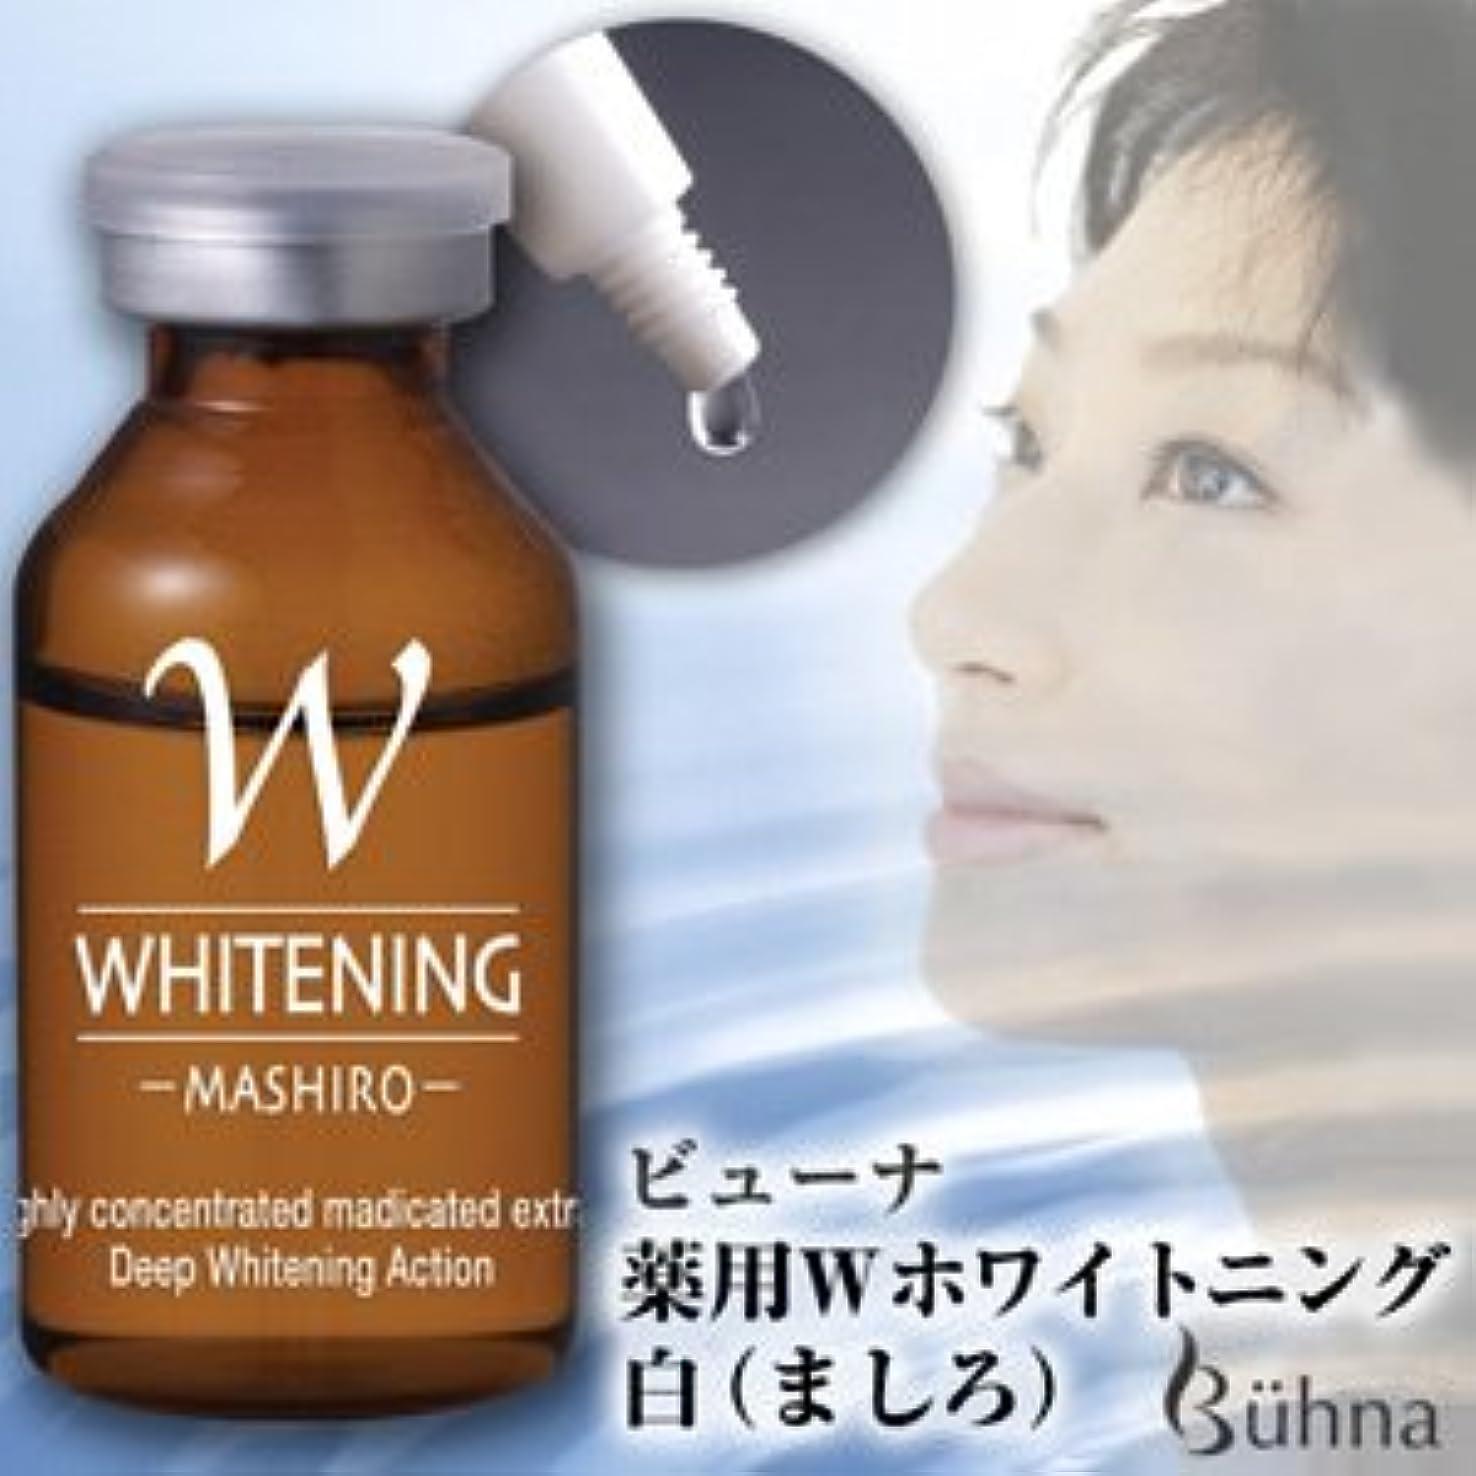 六合理的鳴り響く超高濃度!W原液がシミを断つ、翌朝の肌で感じる美肌力『薬用ダブルホワイトニング白(ましろ)』